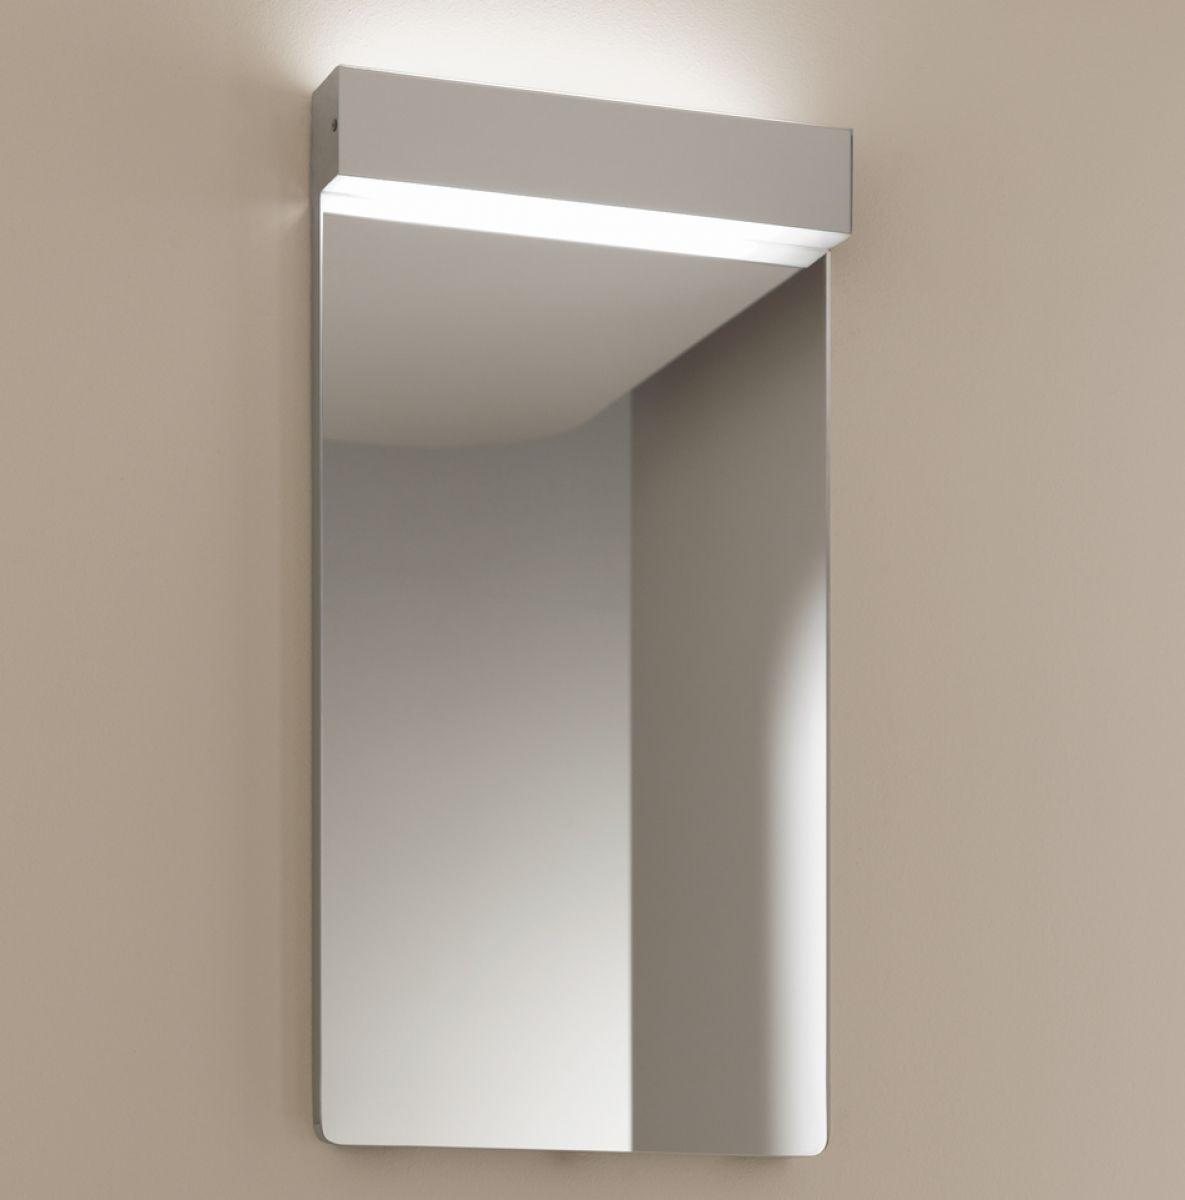 Keuco Elegance Illuminated Bathroom Mirror 360mmm